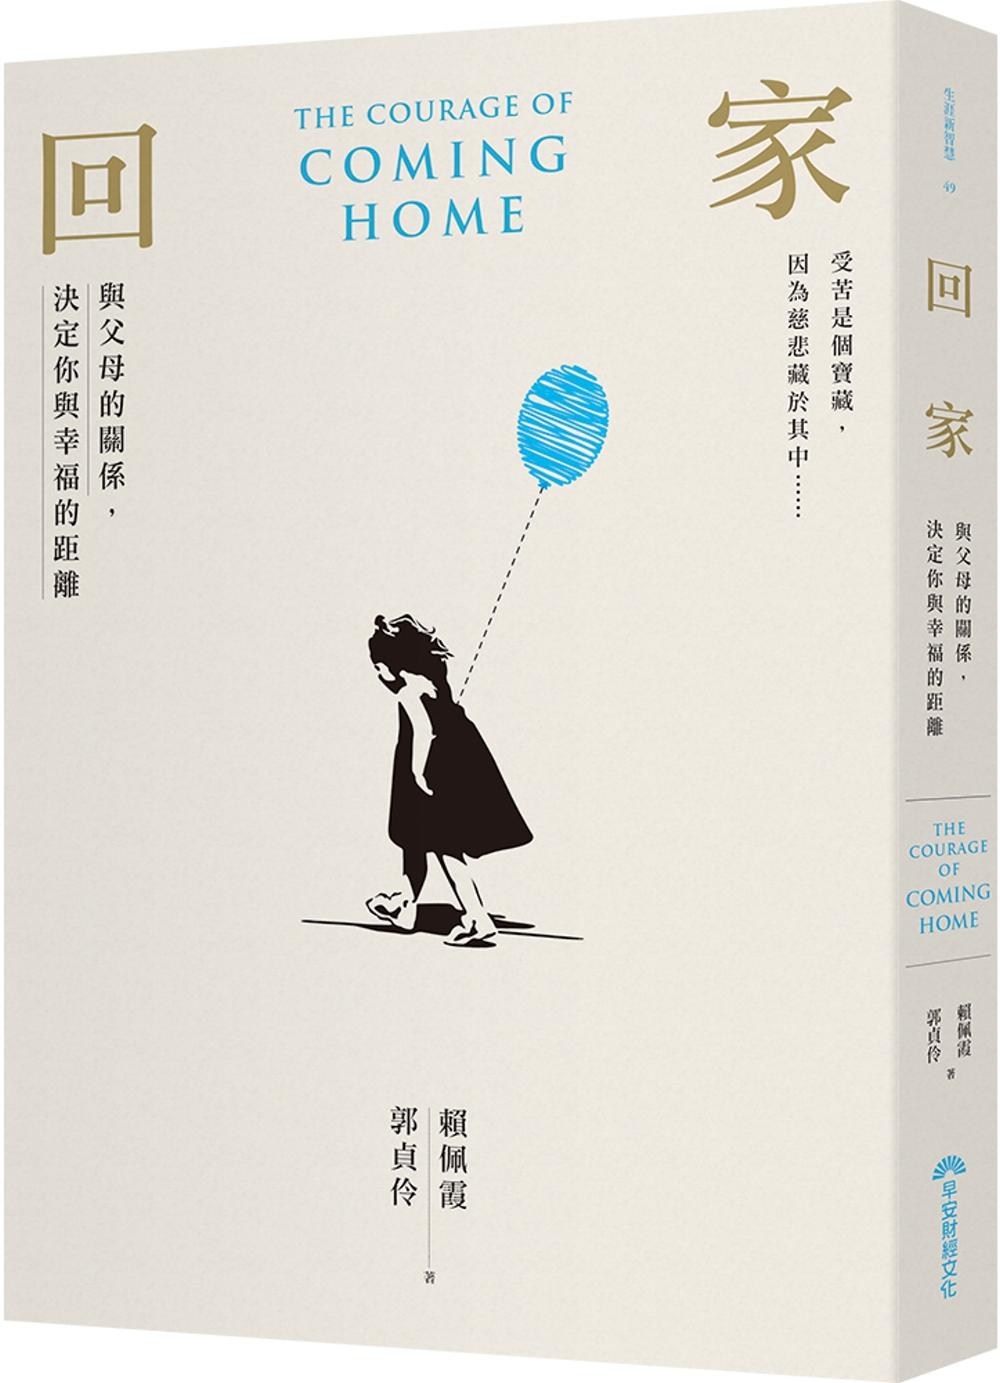 回家:與父母的關係,決定你與幸福的距離